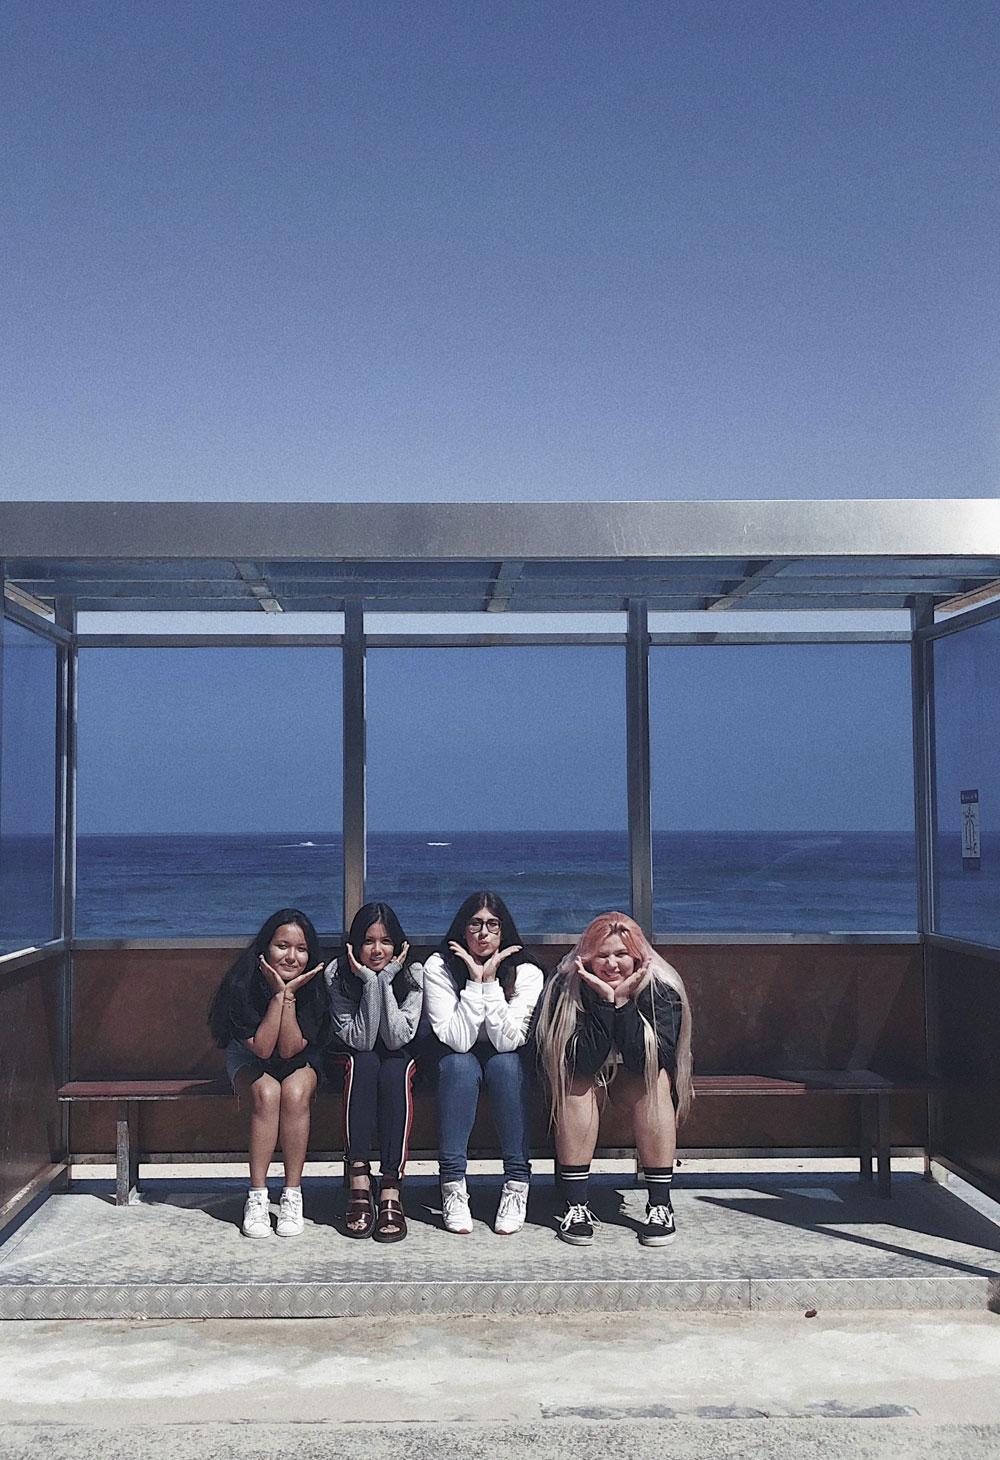 Three students sitting at a bus stop at Jumunjin Beach